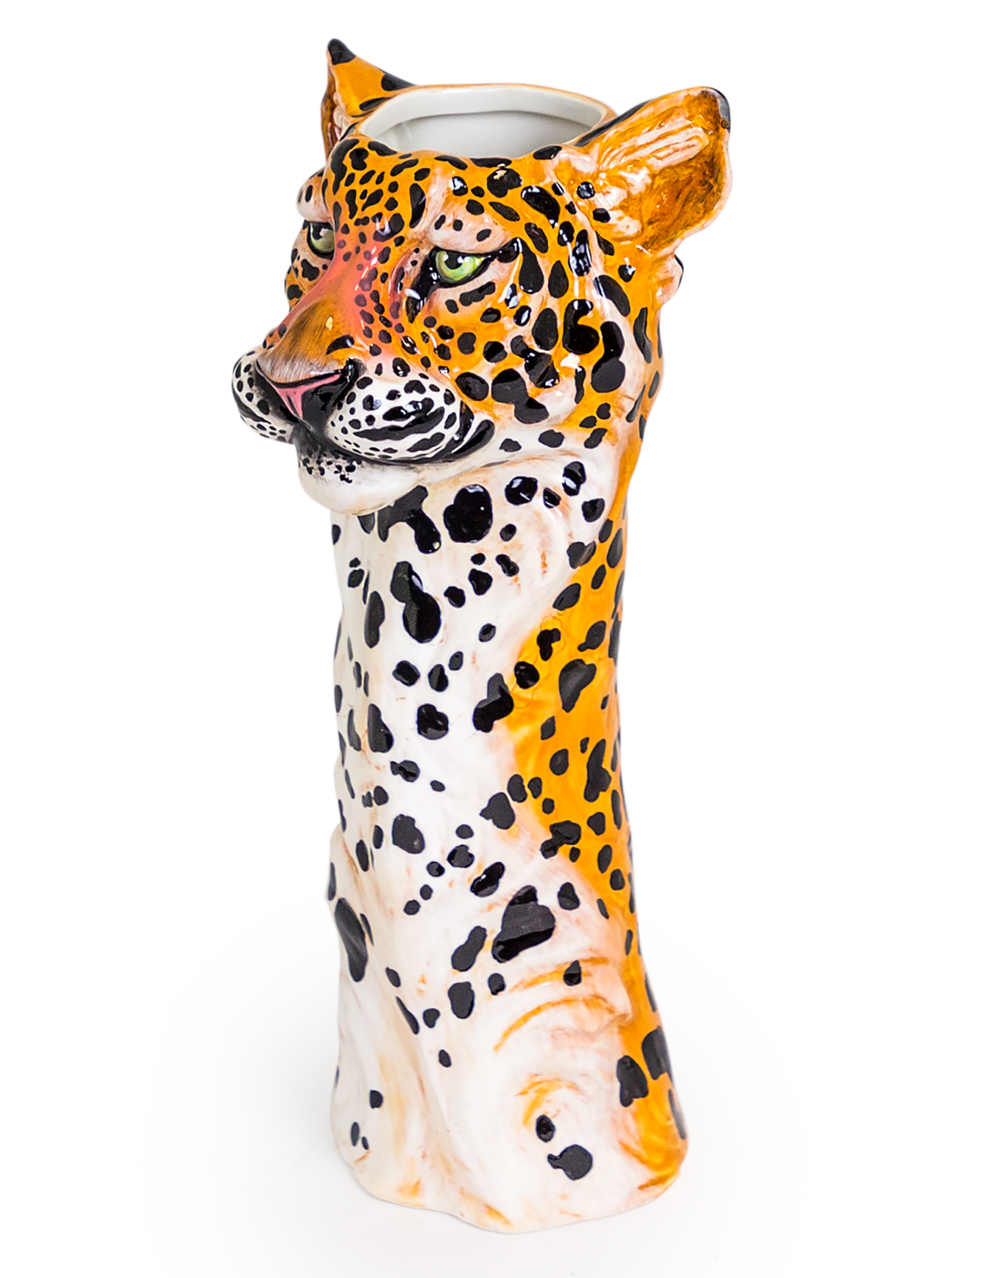 Ceramic Leopard Head Vase